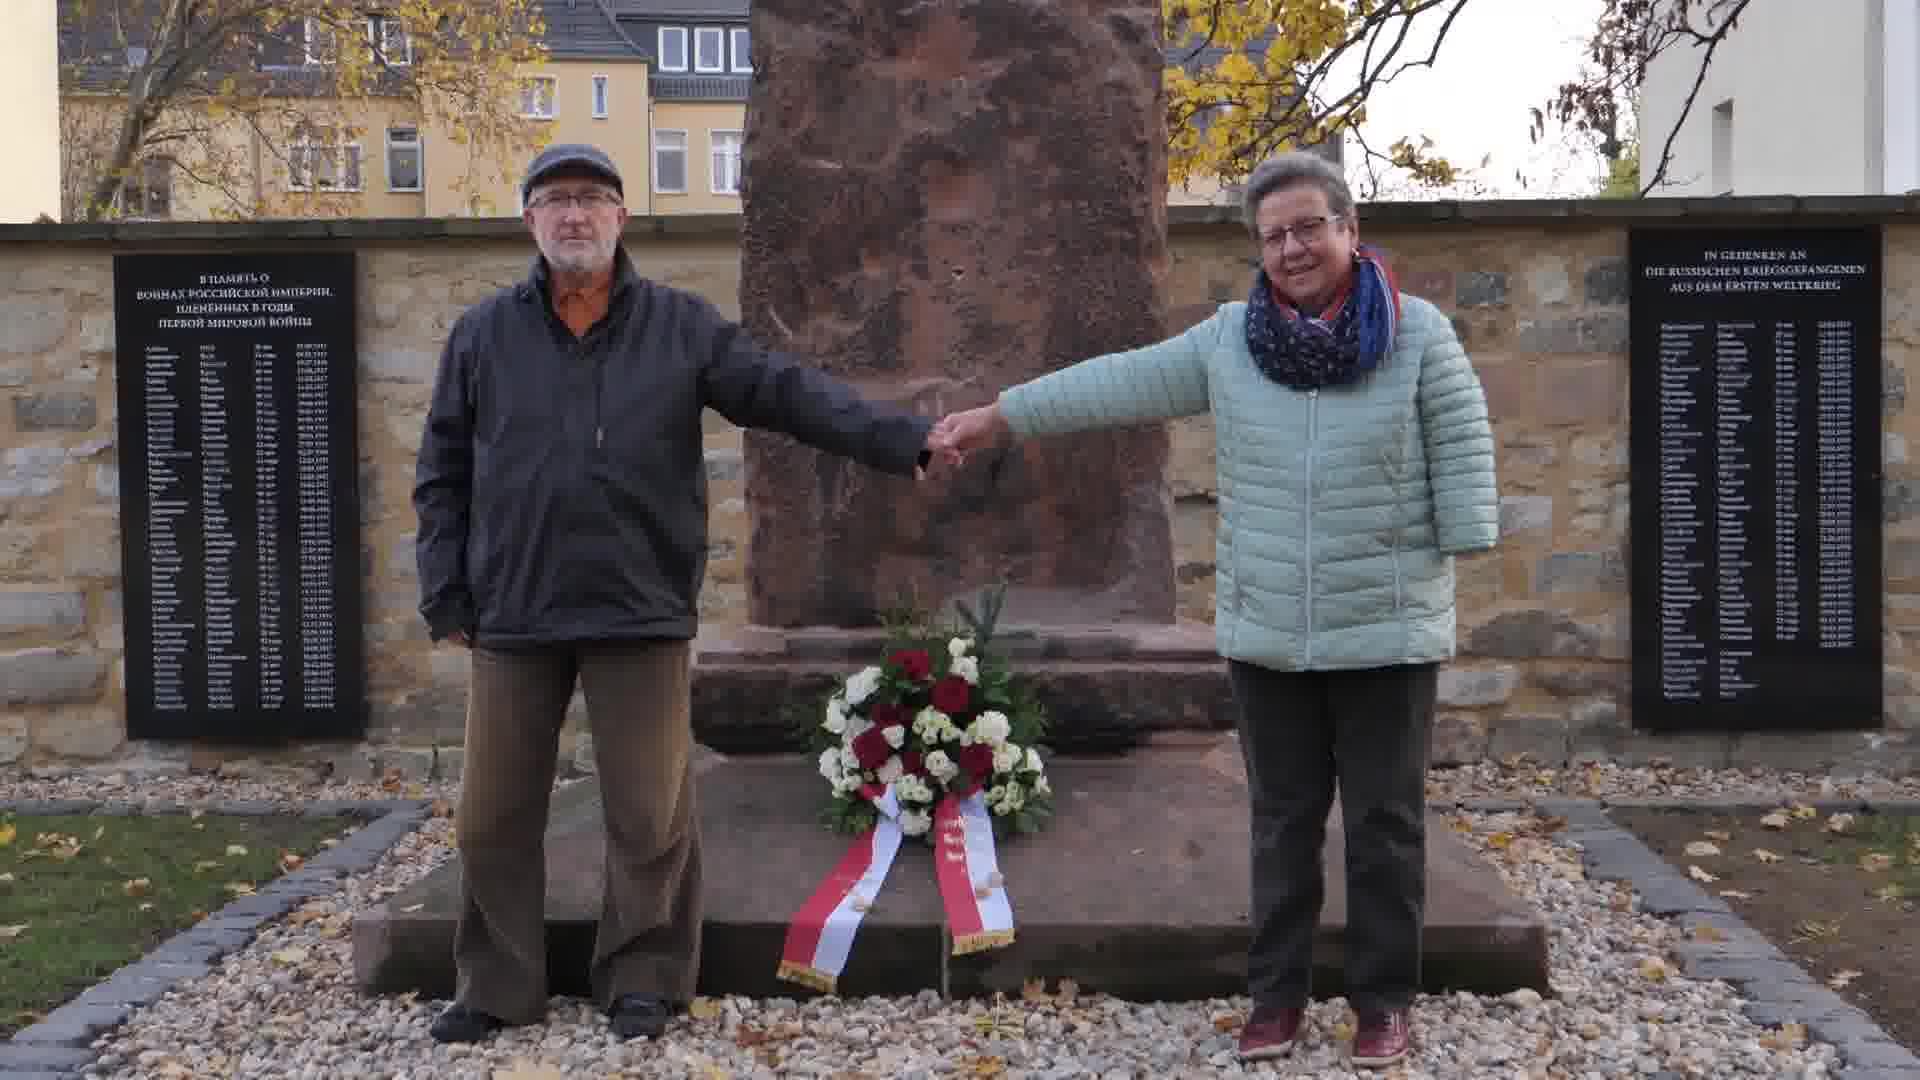 Volkstrauertag - Kranzniederlegung in Merseburg Stadtfriedhof St. Maximi